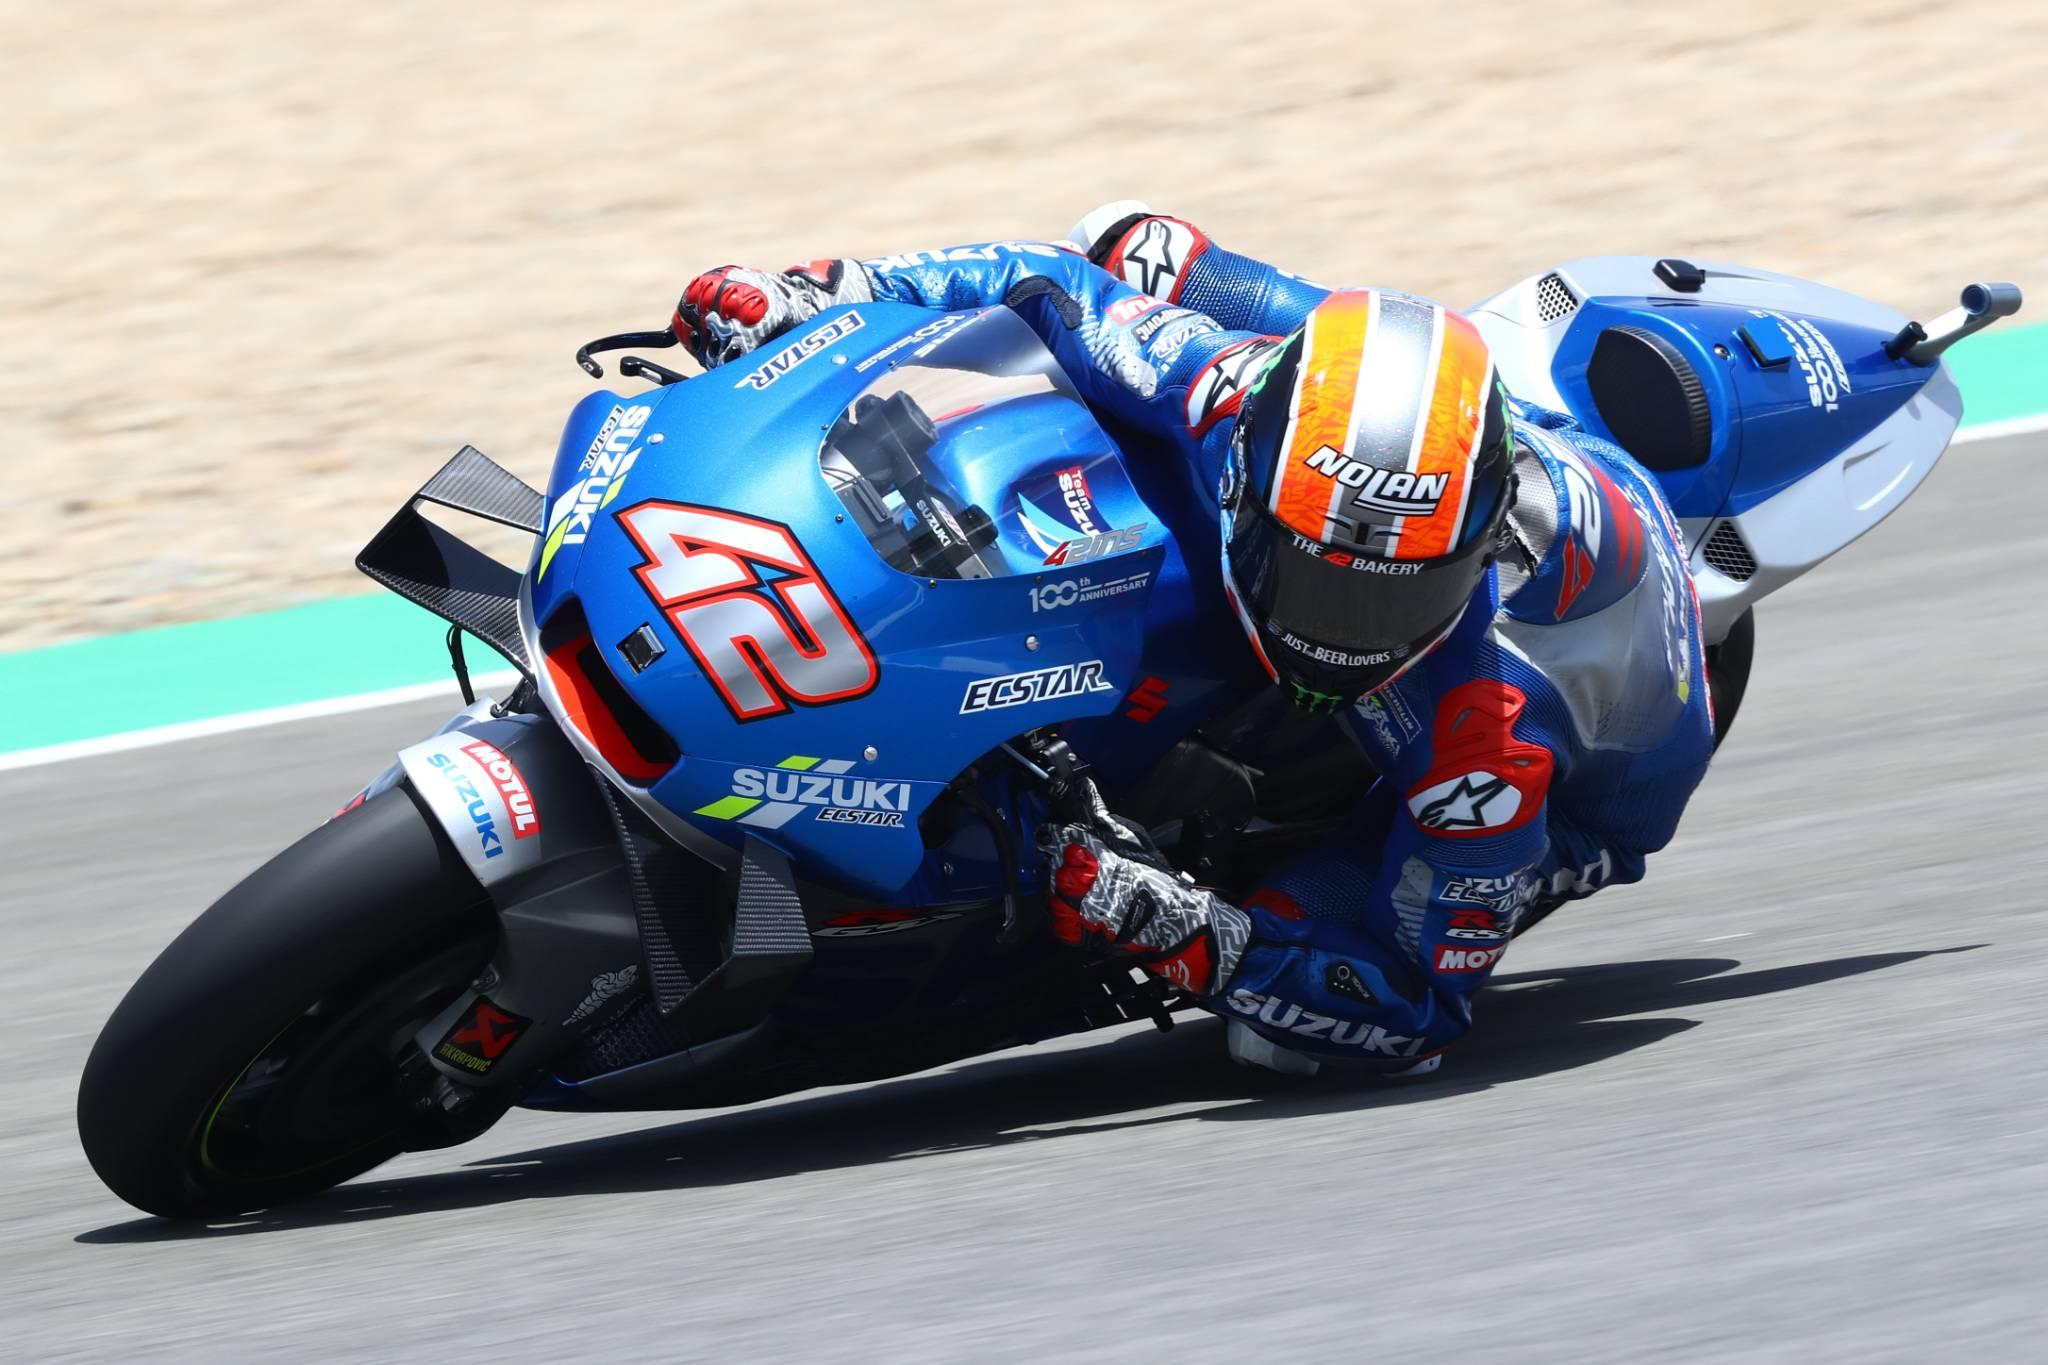 Alex Rins, Spanish MotoGP 2020